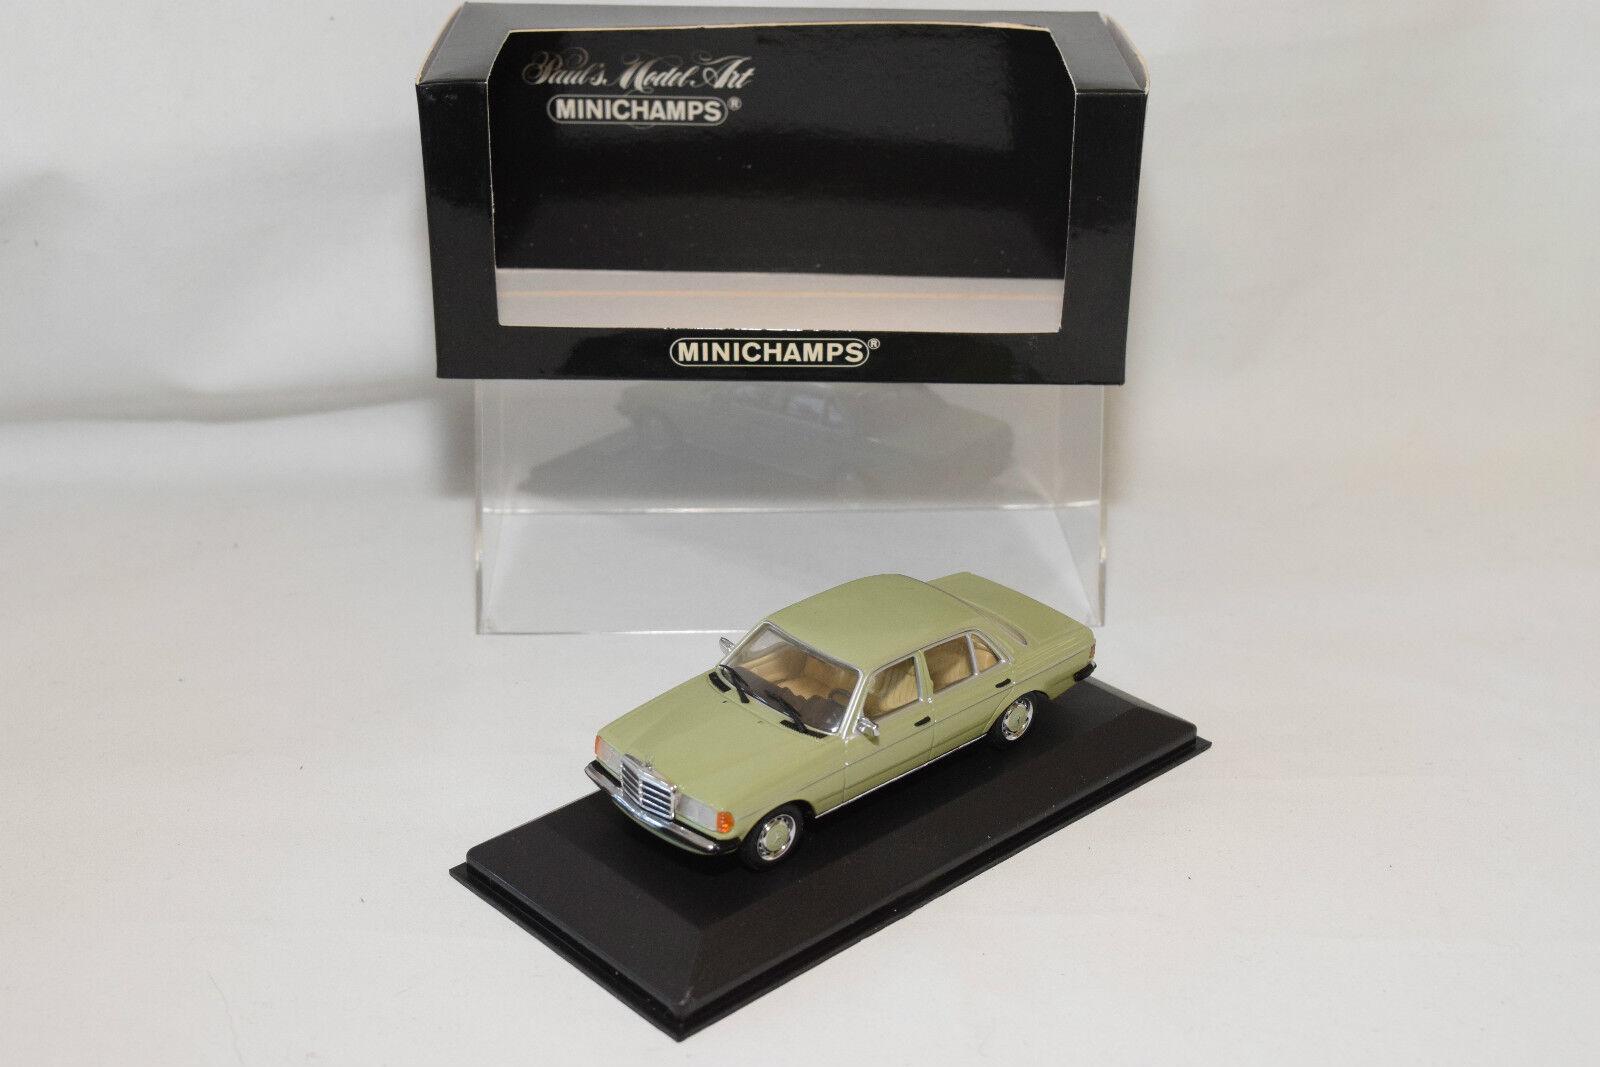 . MINICHAMPS MERCEDES BENZ 230E 230 E SALOON 1976 - 1985 verde MINT BOXED